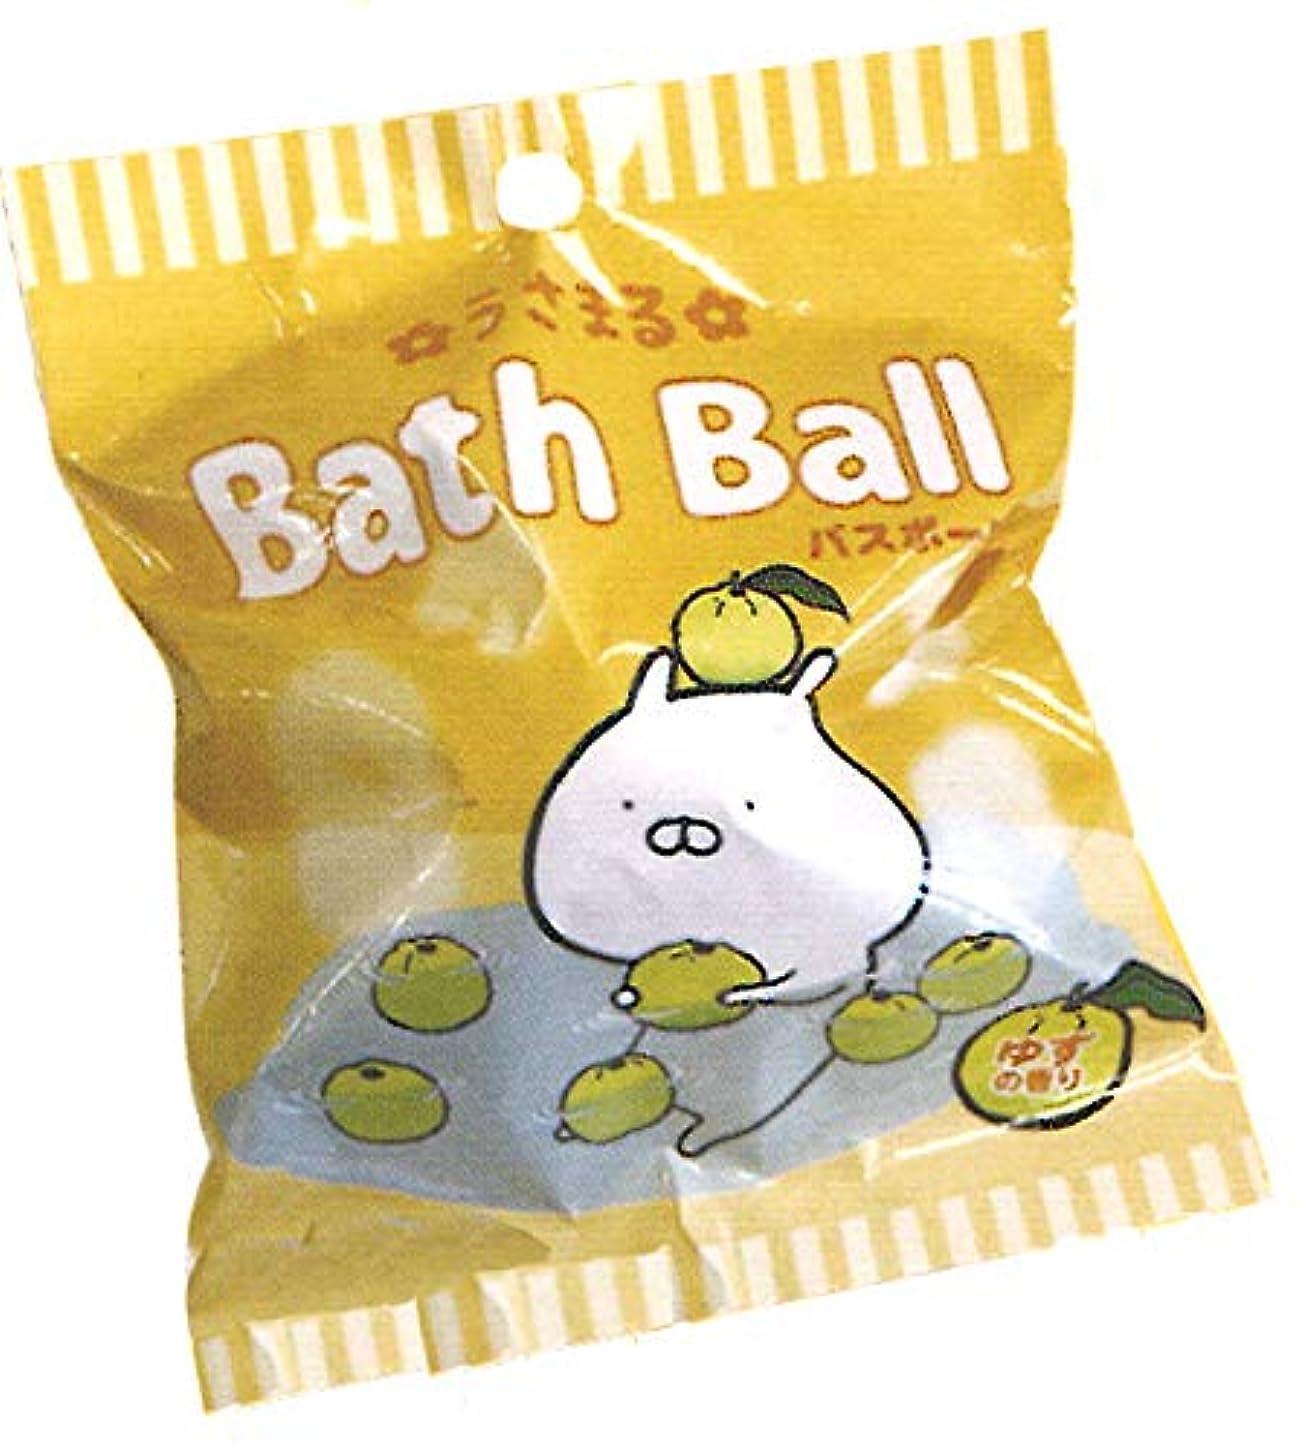 霜ビリー期間うさまる 入浴剤 マスコットが飛び出るバスボール【1個】